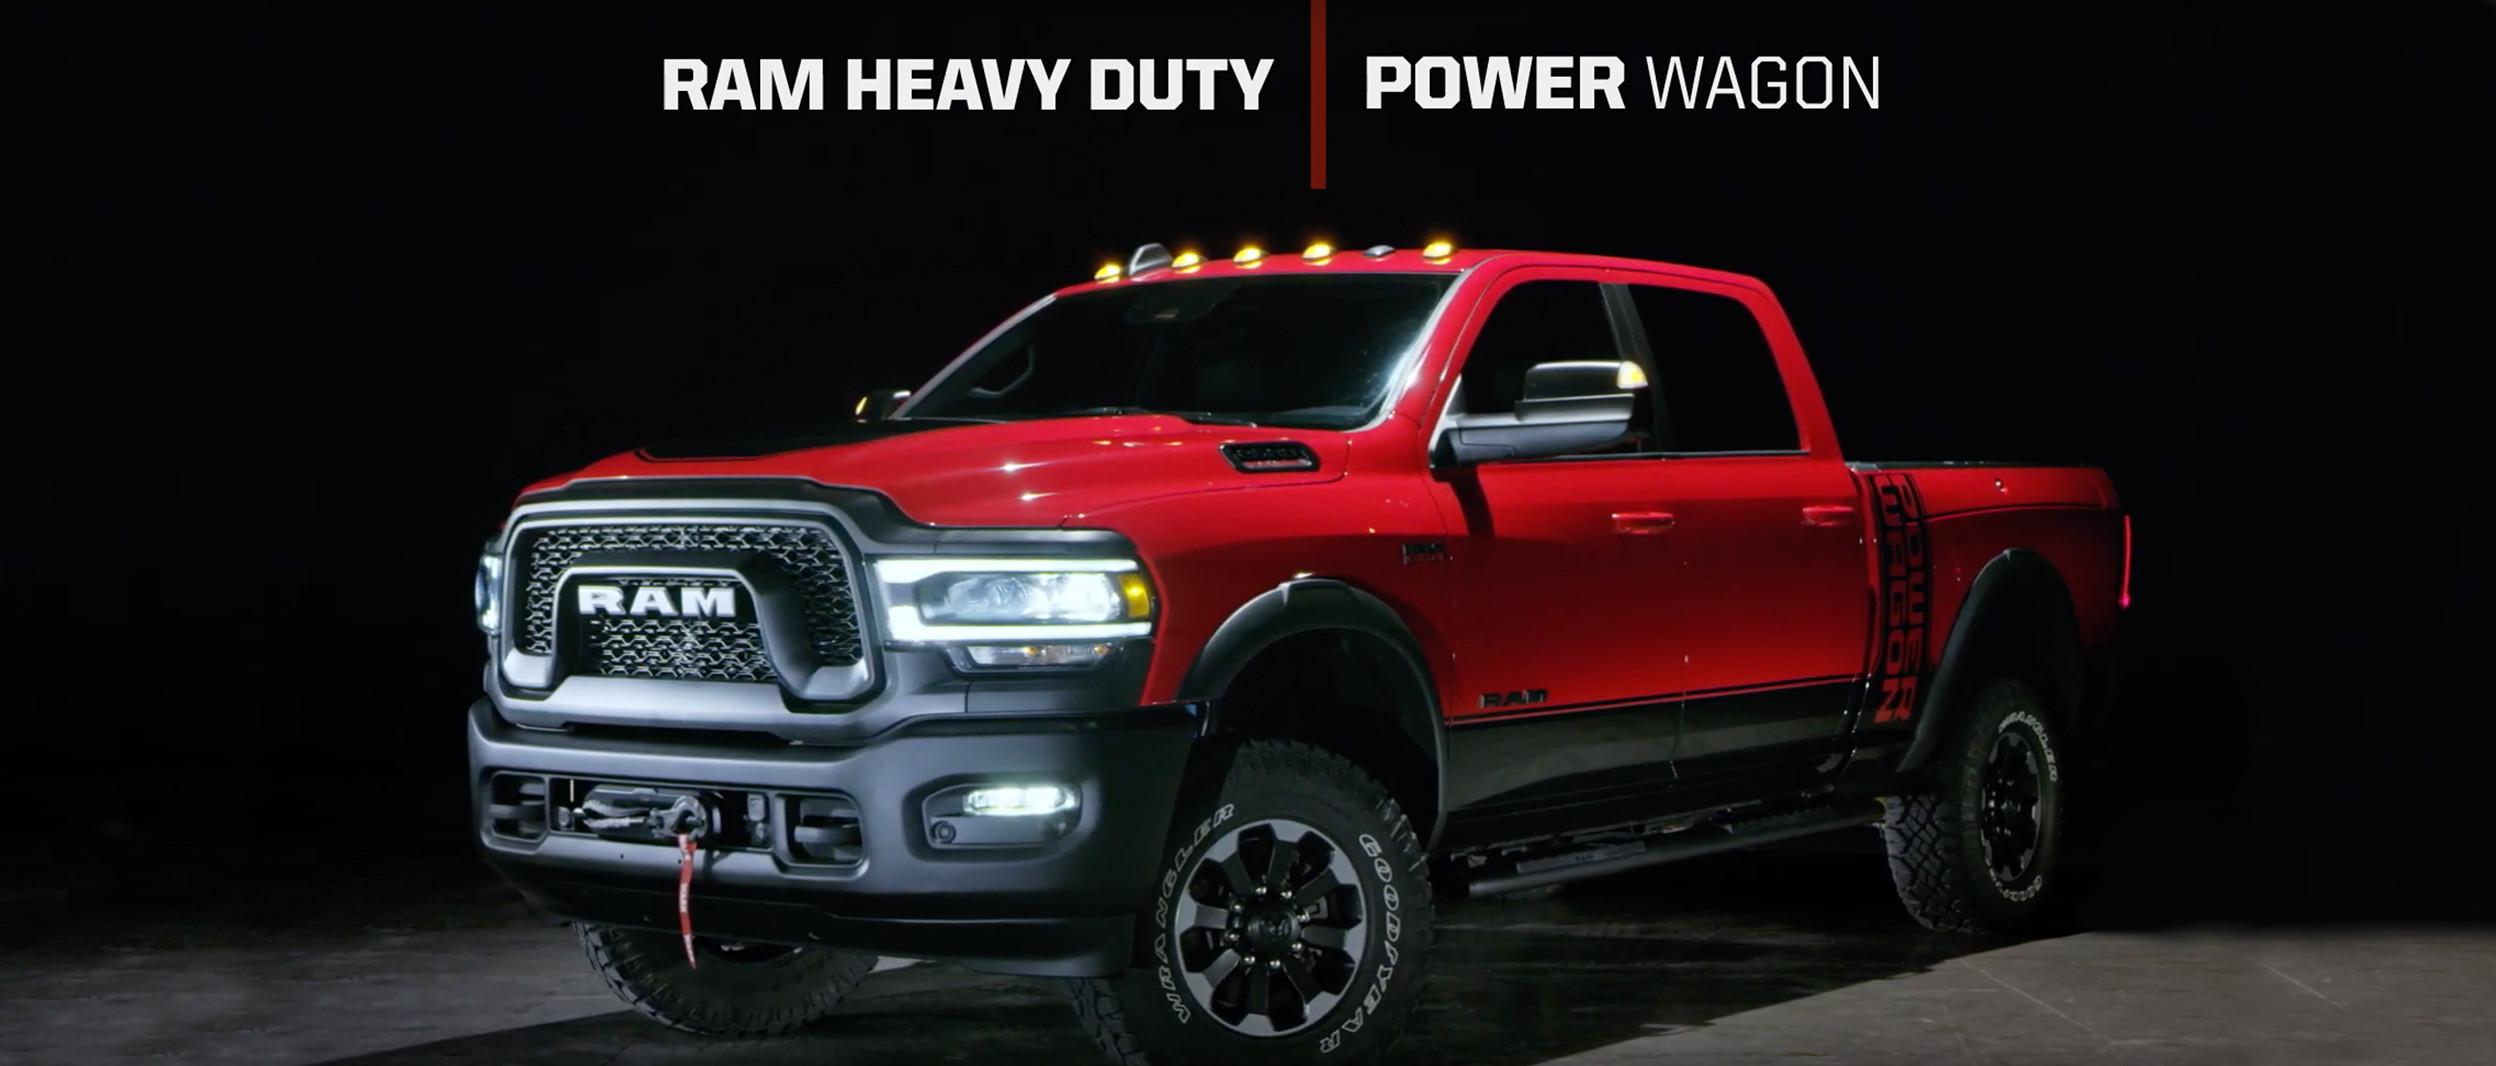 2020 Ram 2500 Heavy Duty Truck Ram Trucks Canada